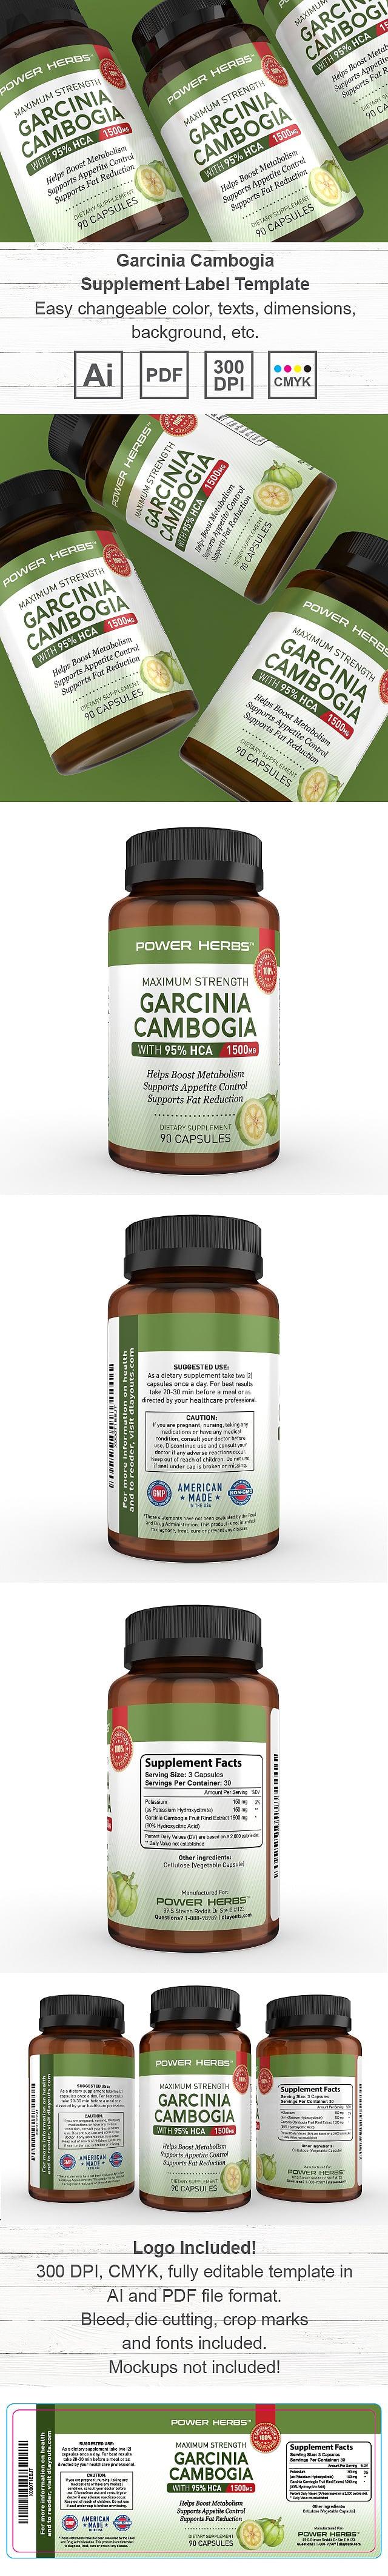 Garcinia Cambogia Supplement Label Template